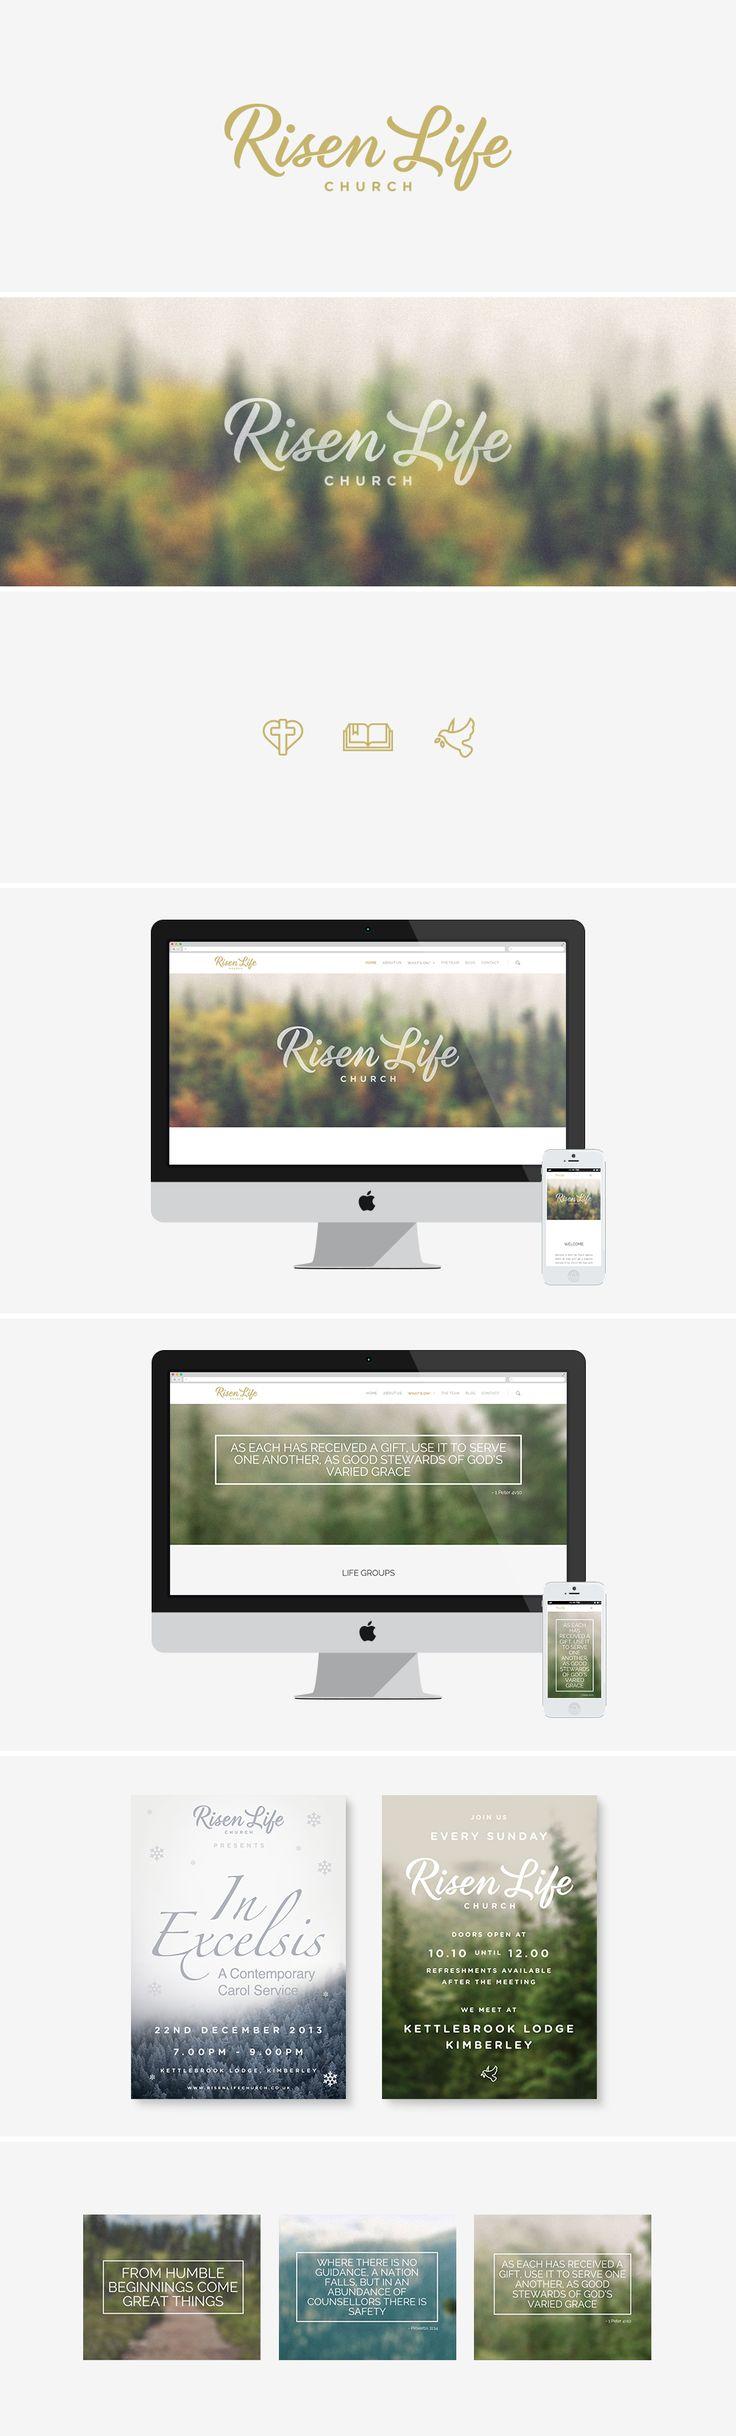 Modern church branding - parallax website